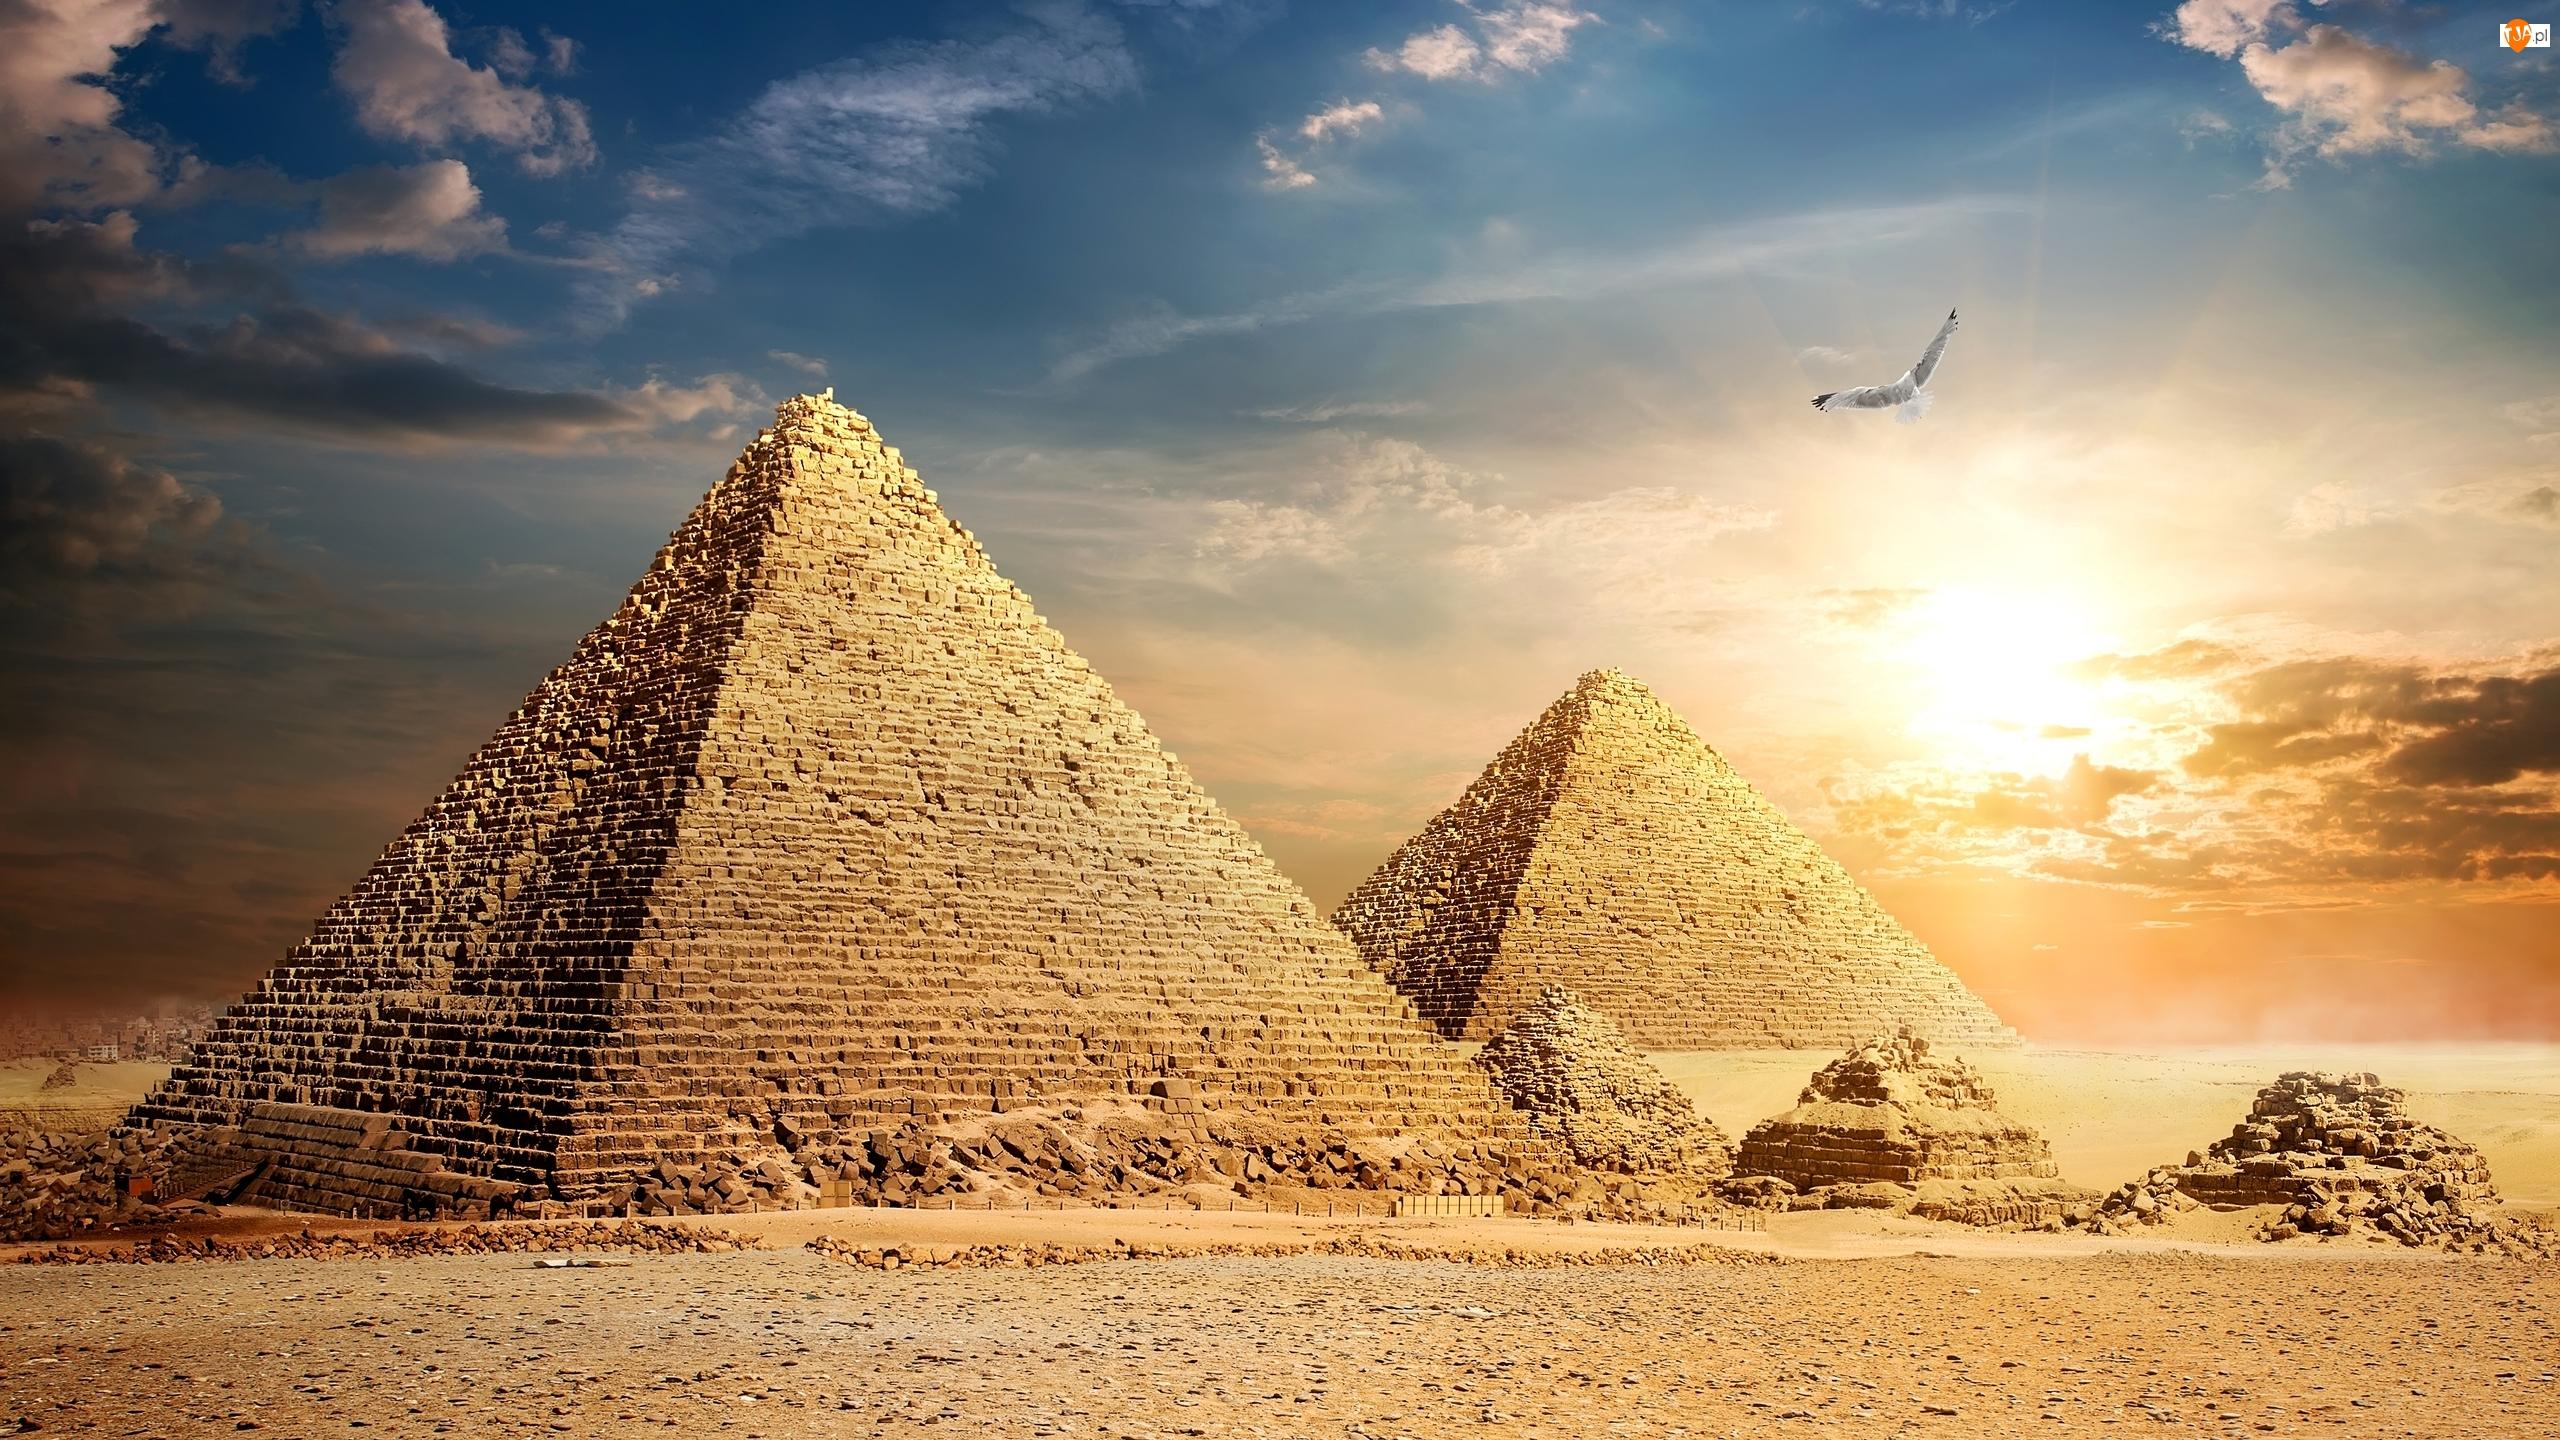 Ptak, Egipt, Piramidy, Giza, Piramida Cheopsa